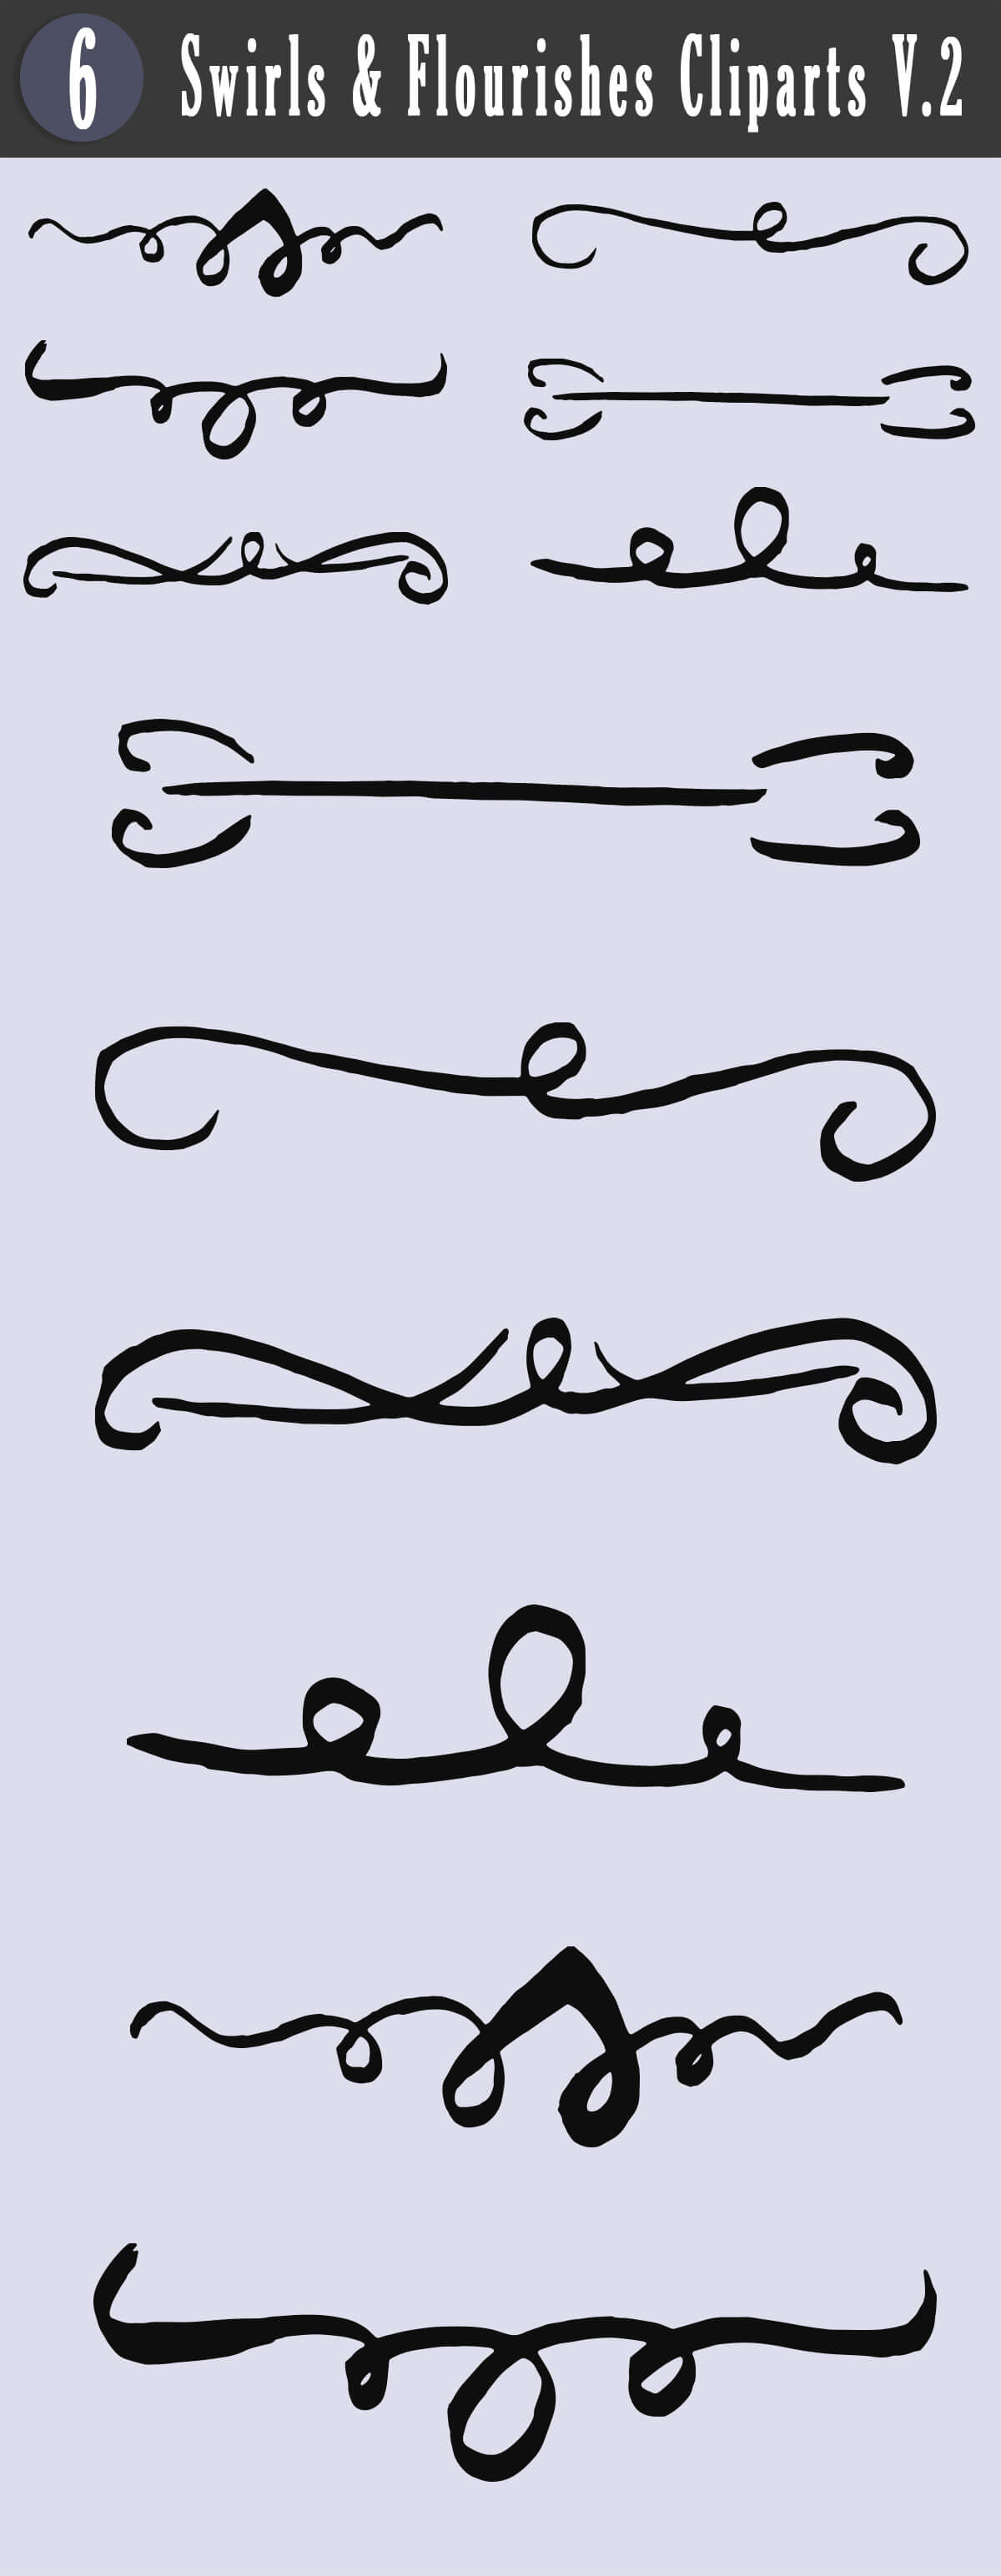 Free Swirls & Flourishes Cliparts V2